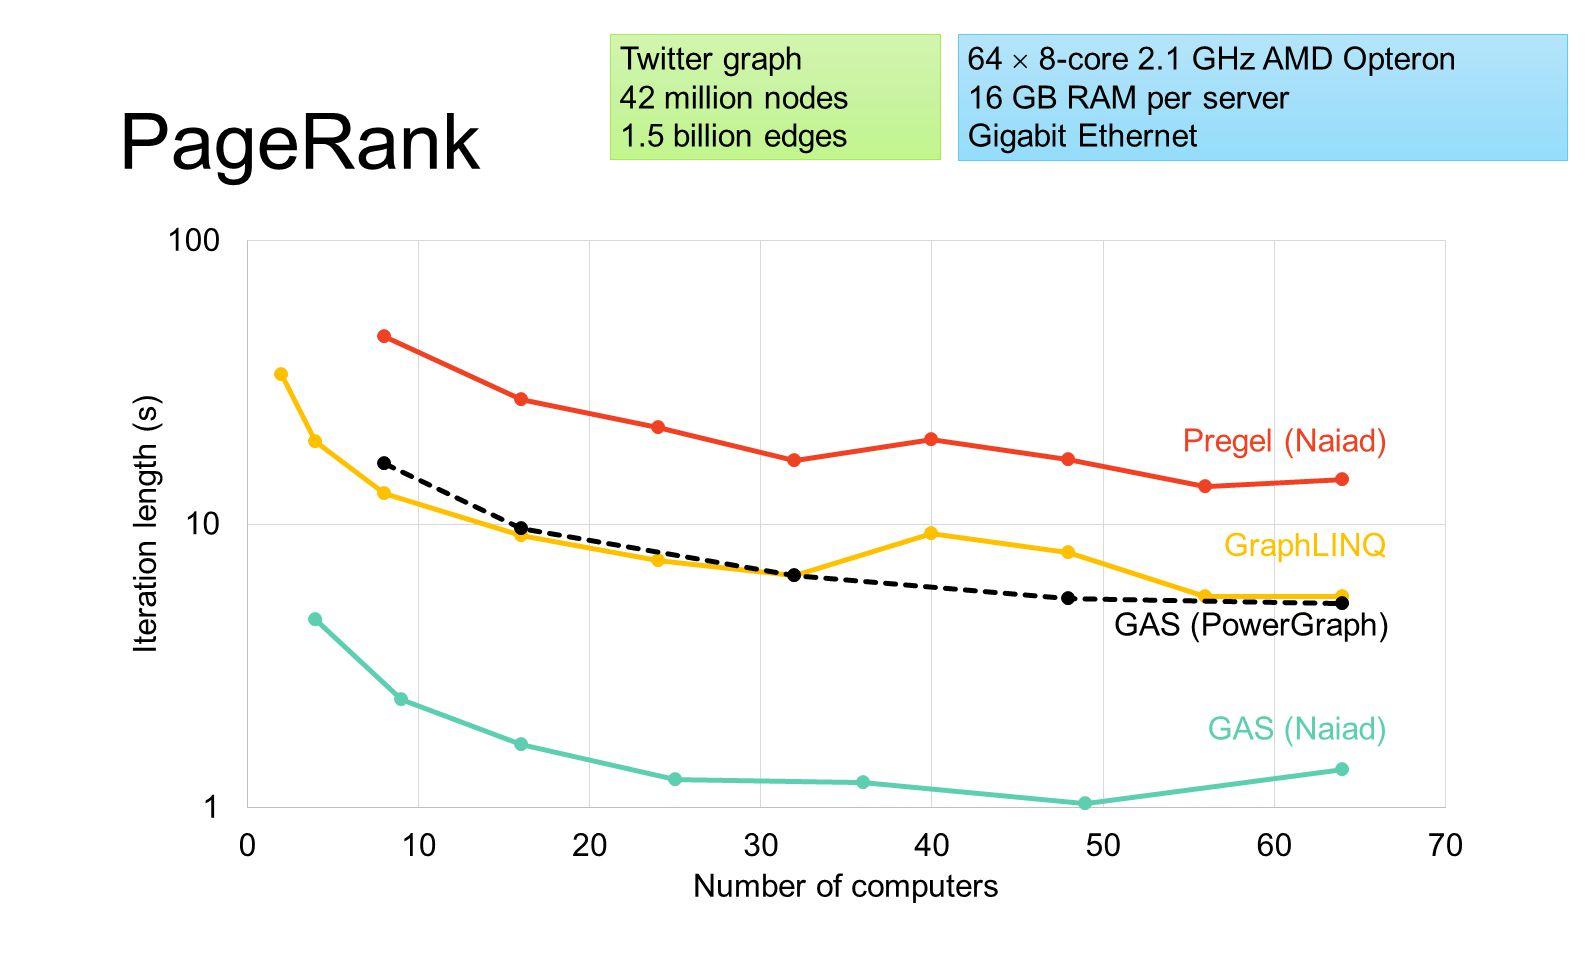 PageRank Pregel (Naiad) GraphLINQ GAS (Naiad) GAS (PowerGraph) Twitter graph 42 million nodes 1.5 billion edges 64  8-core 2.1 GHz AMD Opteron 16 GB